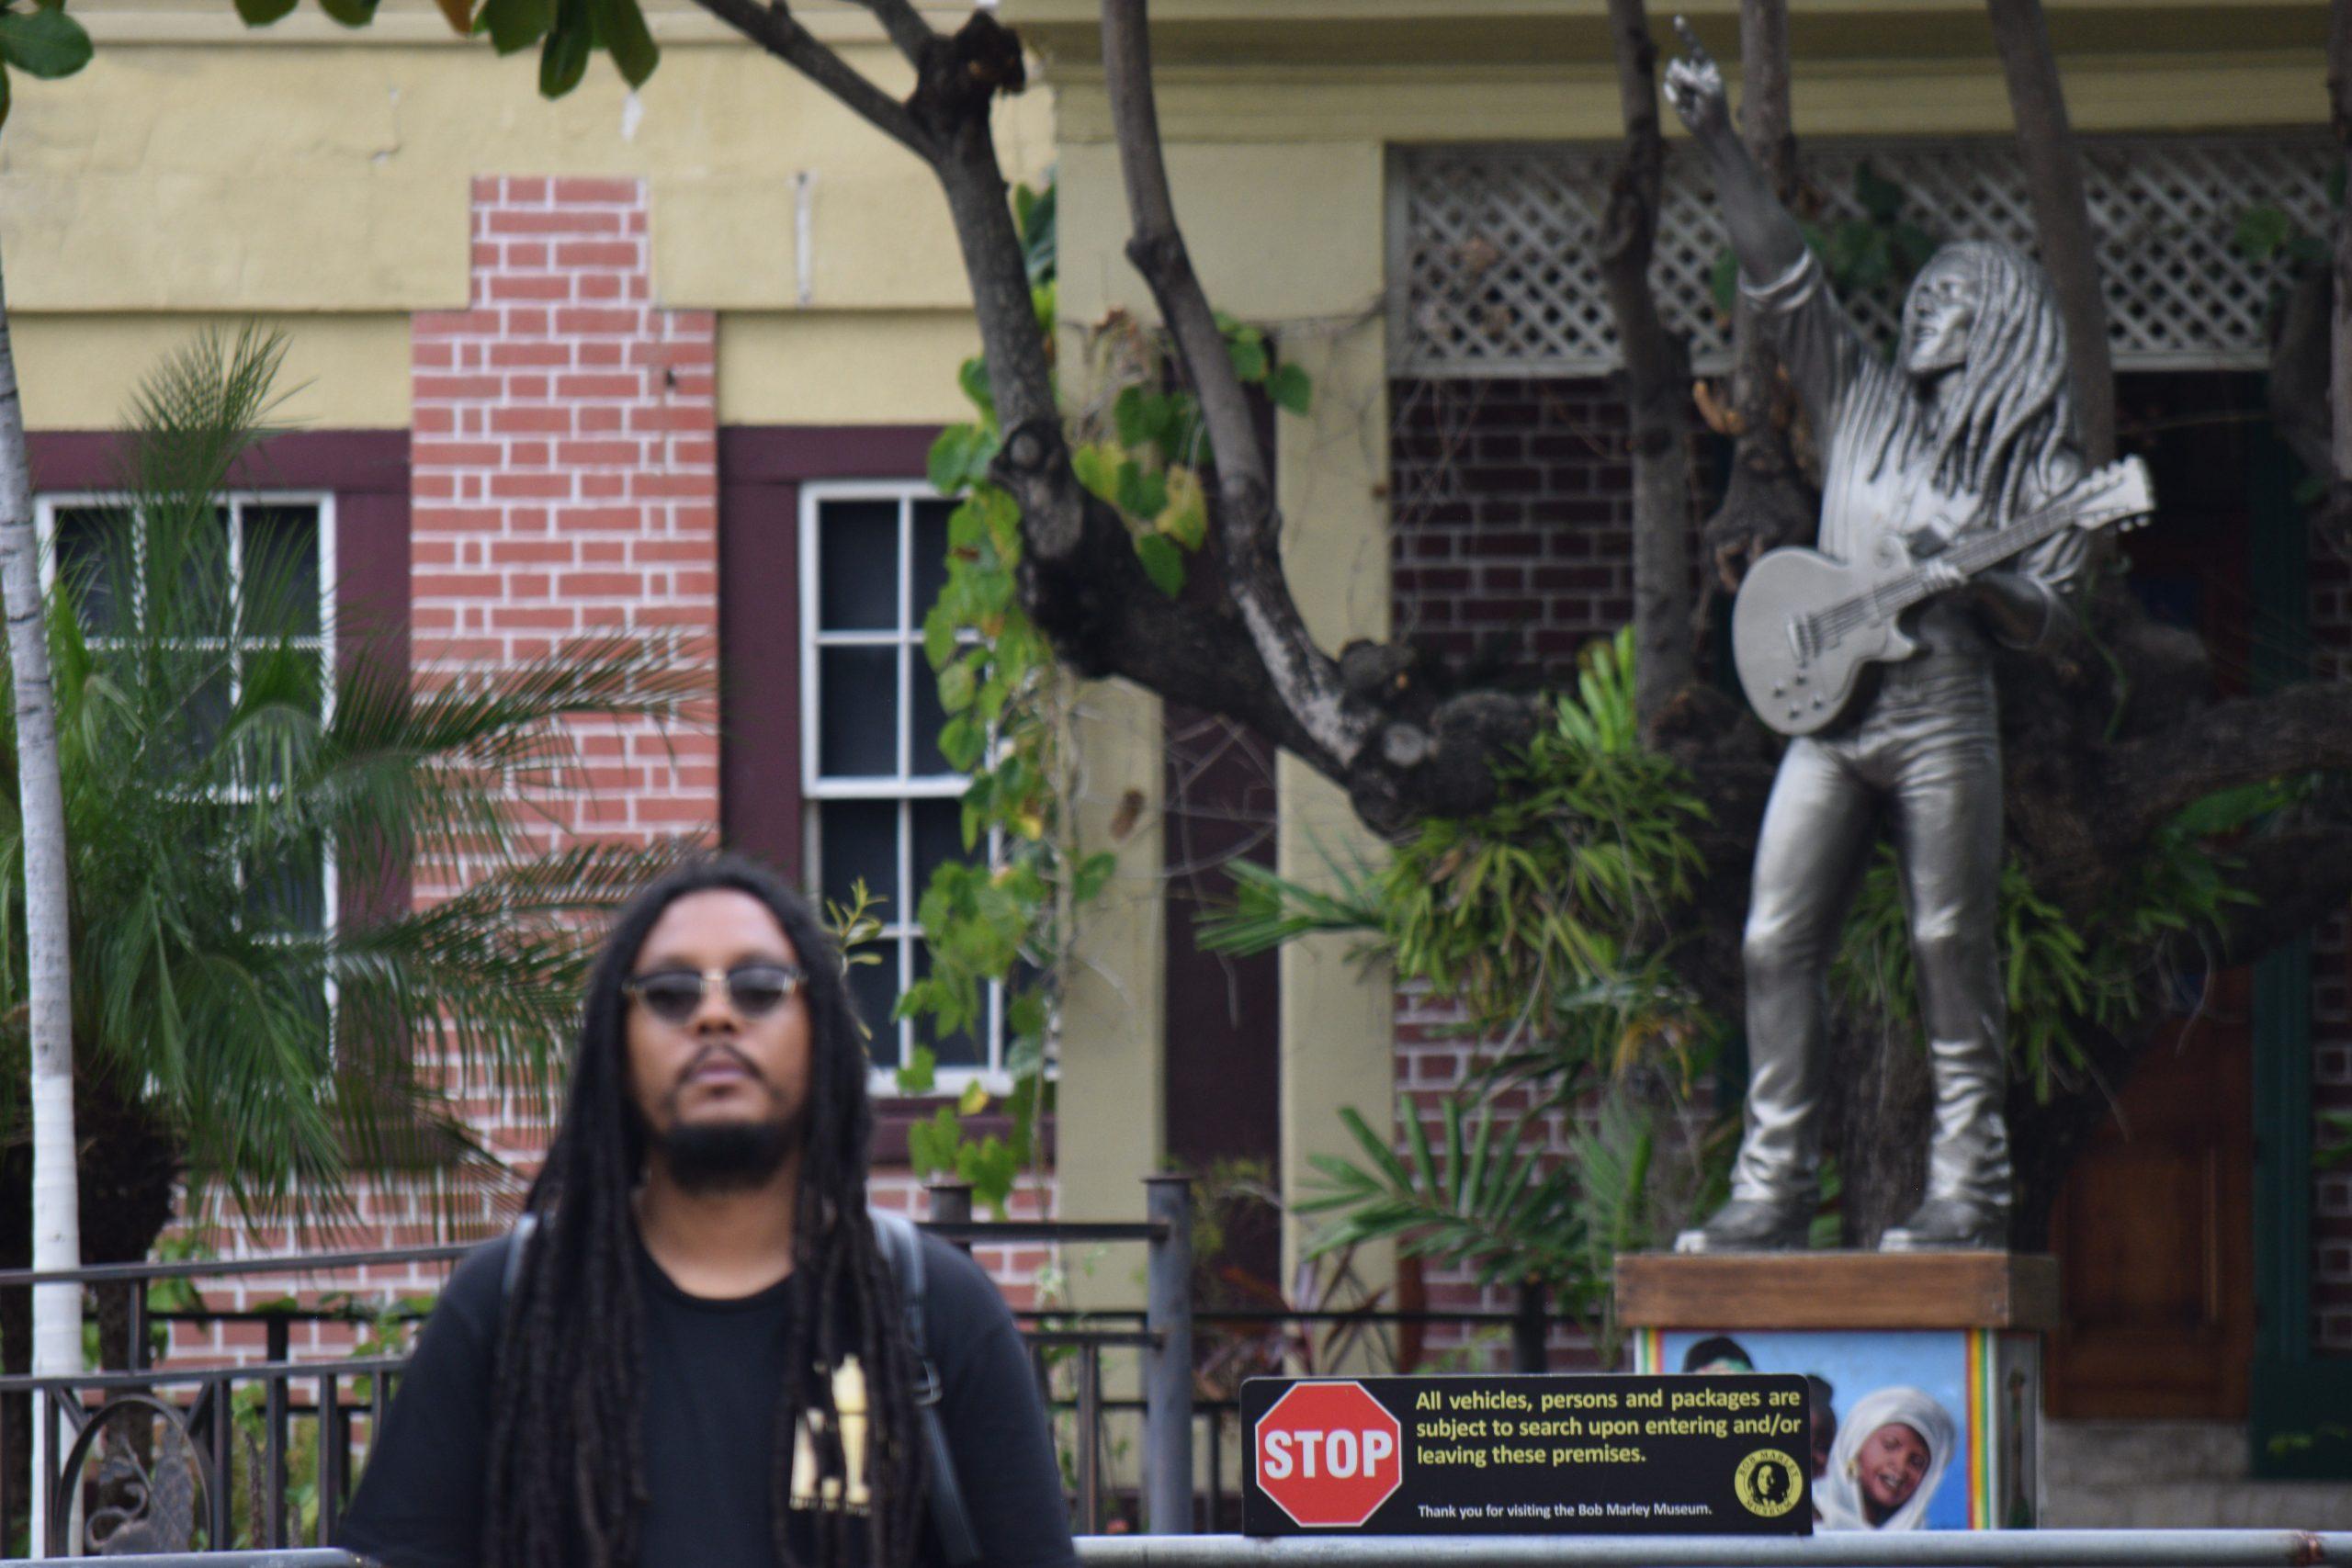 Don Dada at Bob Marley's House